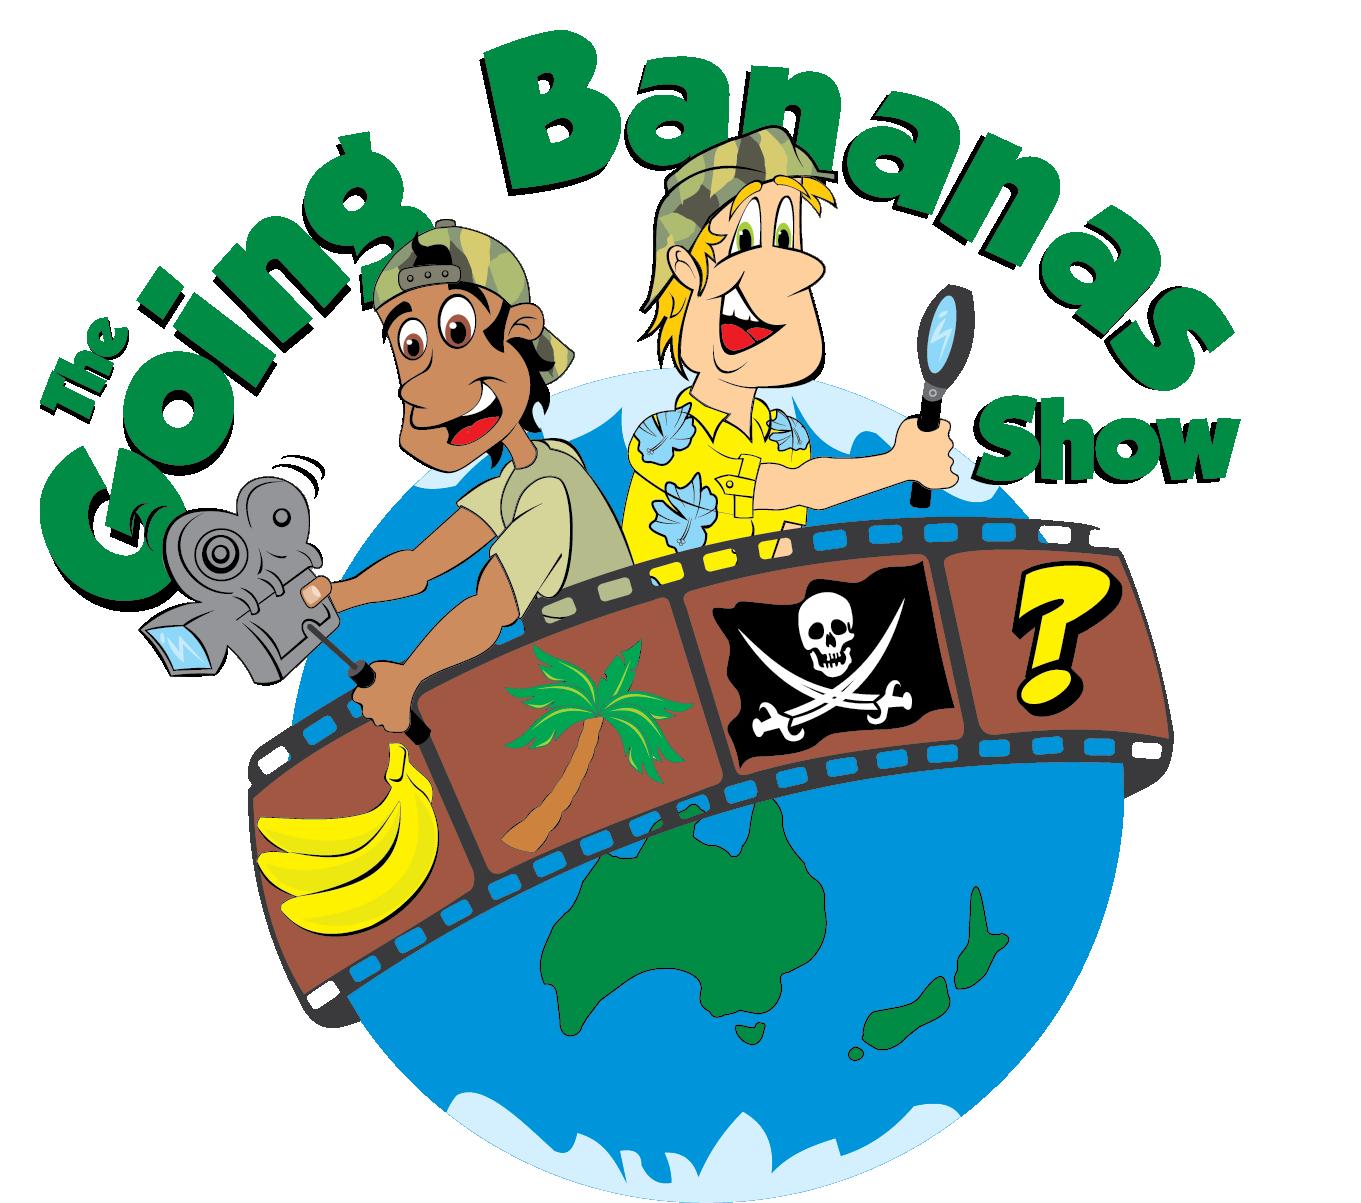 Going_Bananas_show_logo